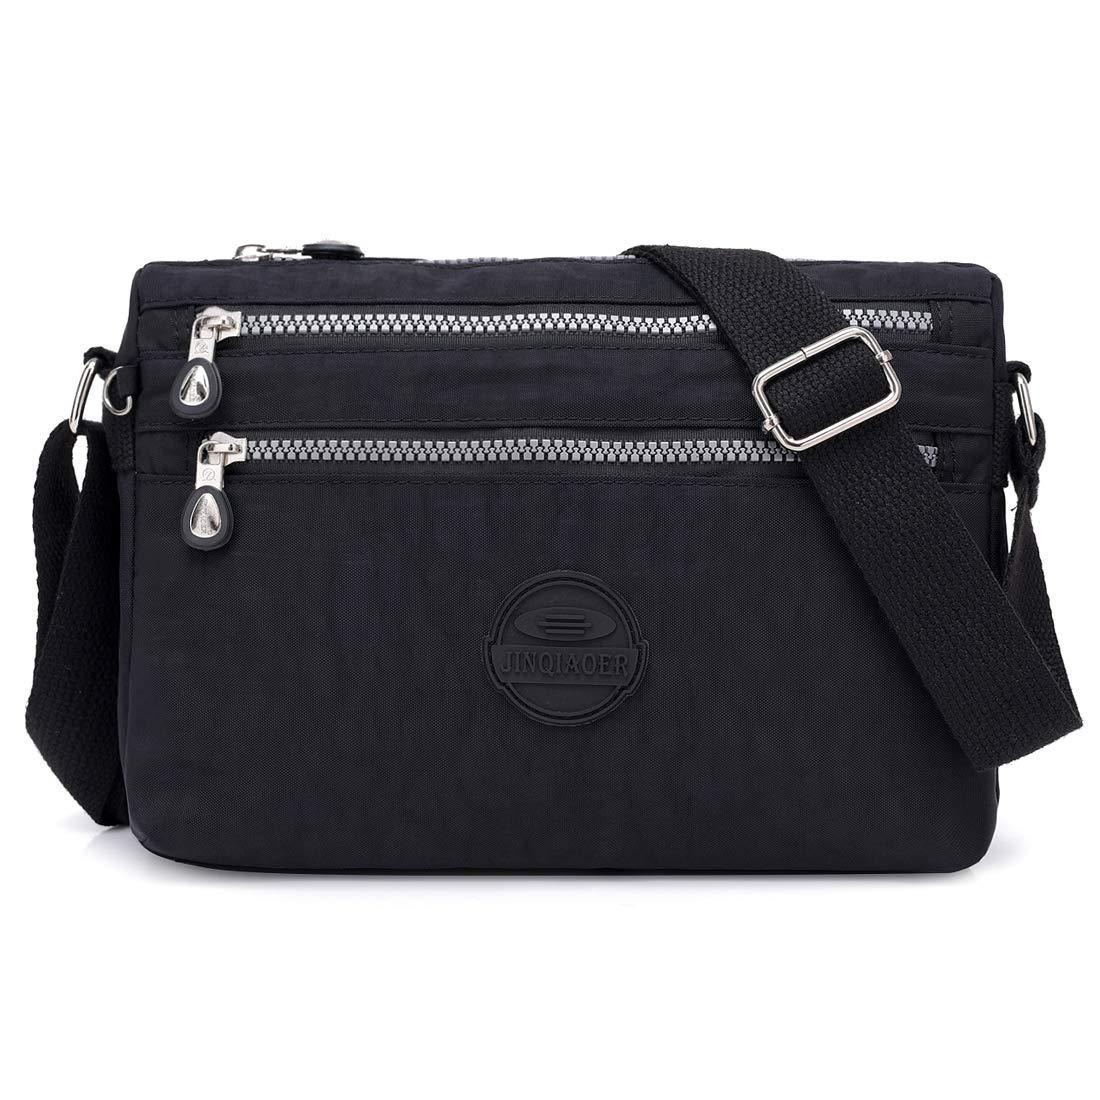 Crossbody Bags for Women Nylon Multi-Pocket Purse bag Travel Shoulder Hobo Bag by STUOYE Black